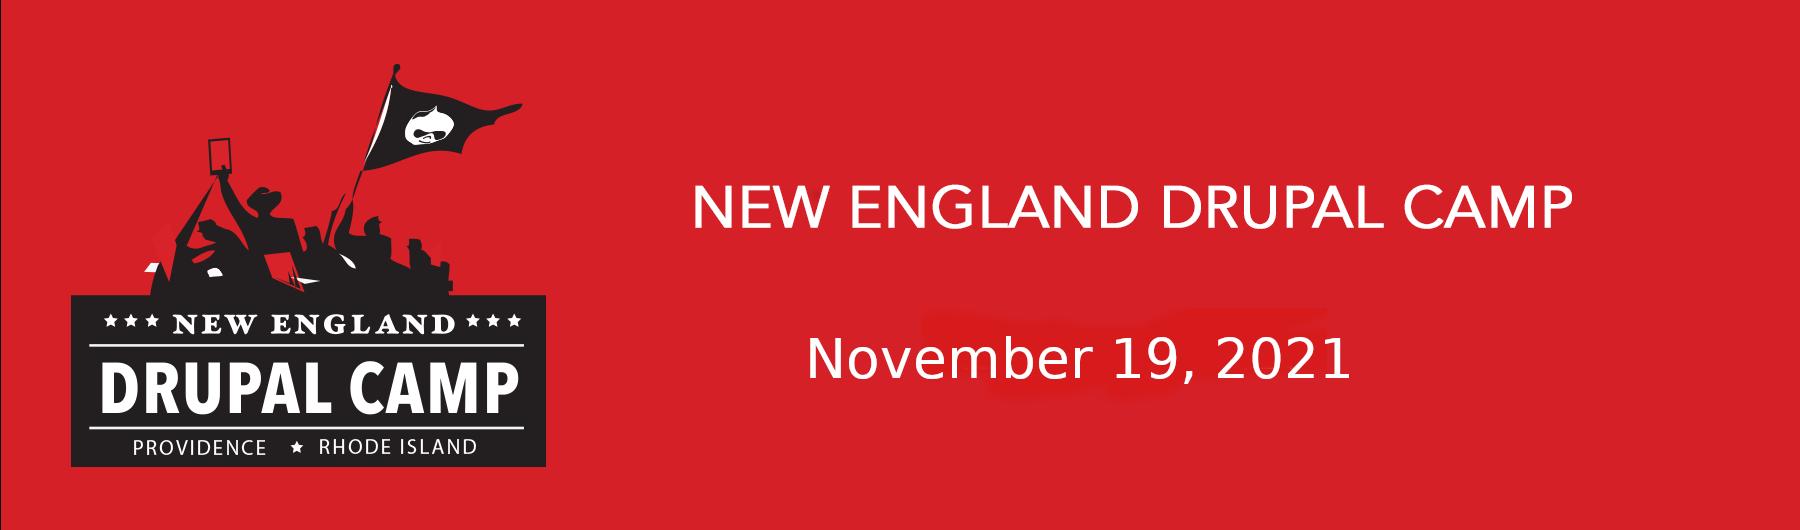 New England Drupal Camp Registration 2021